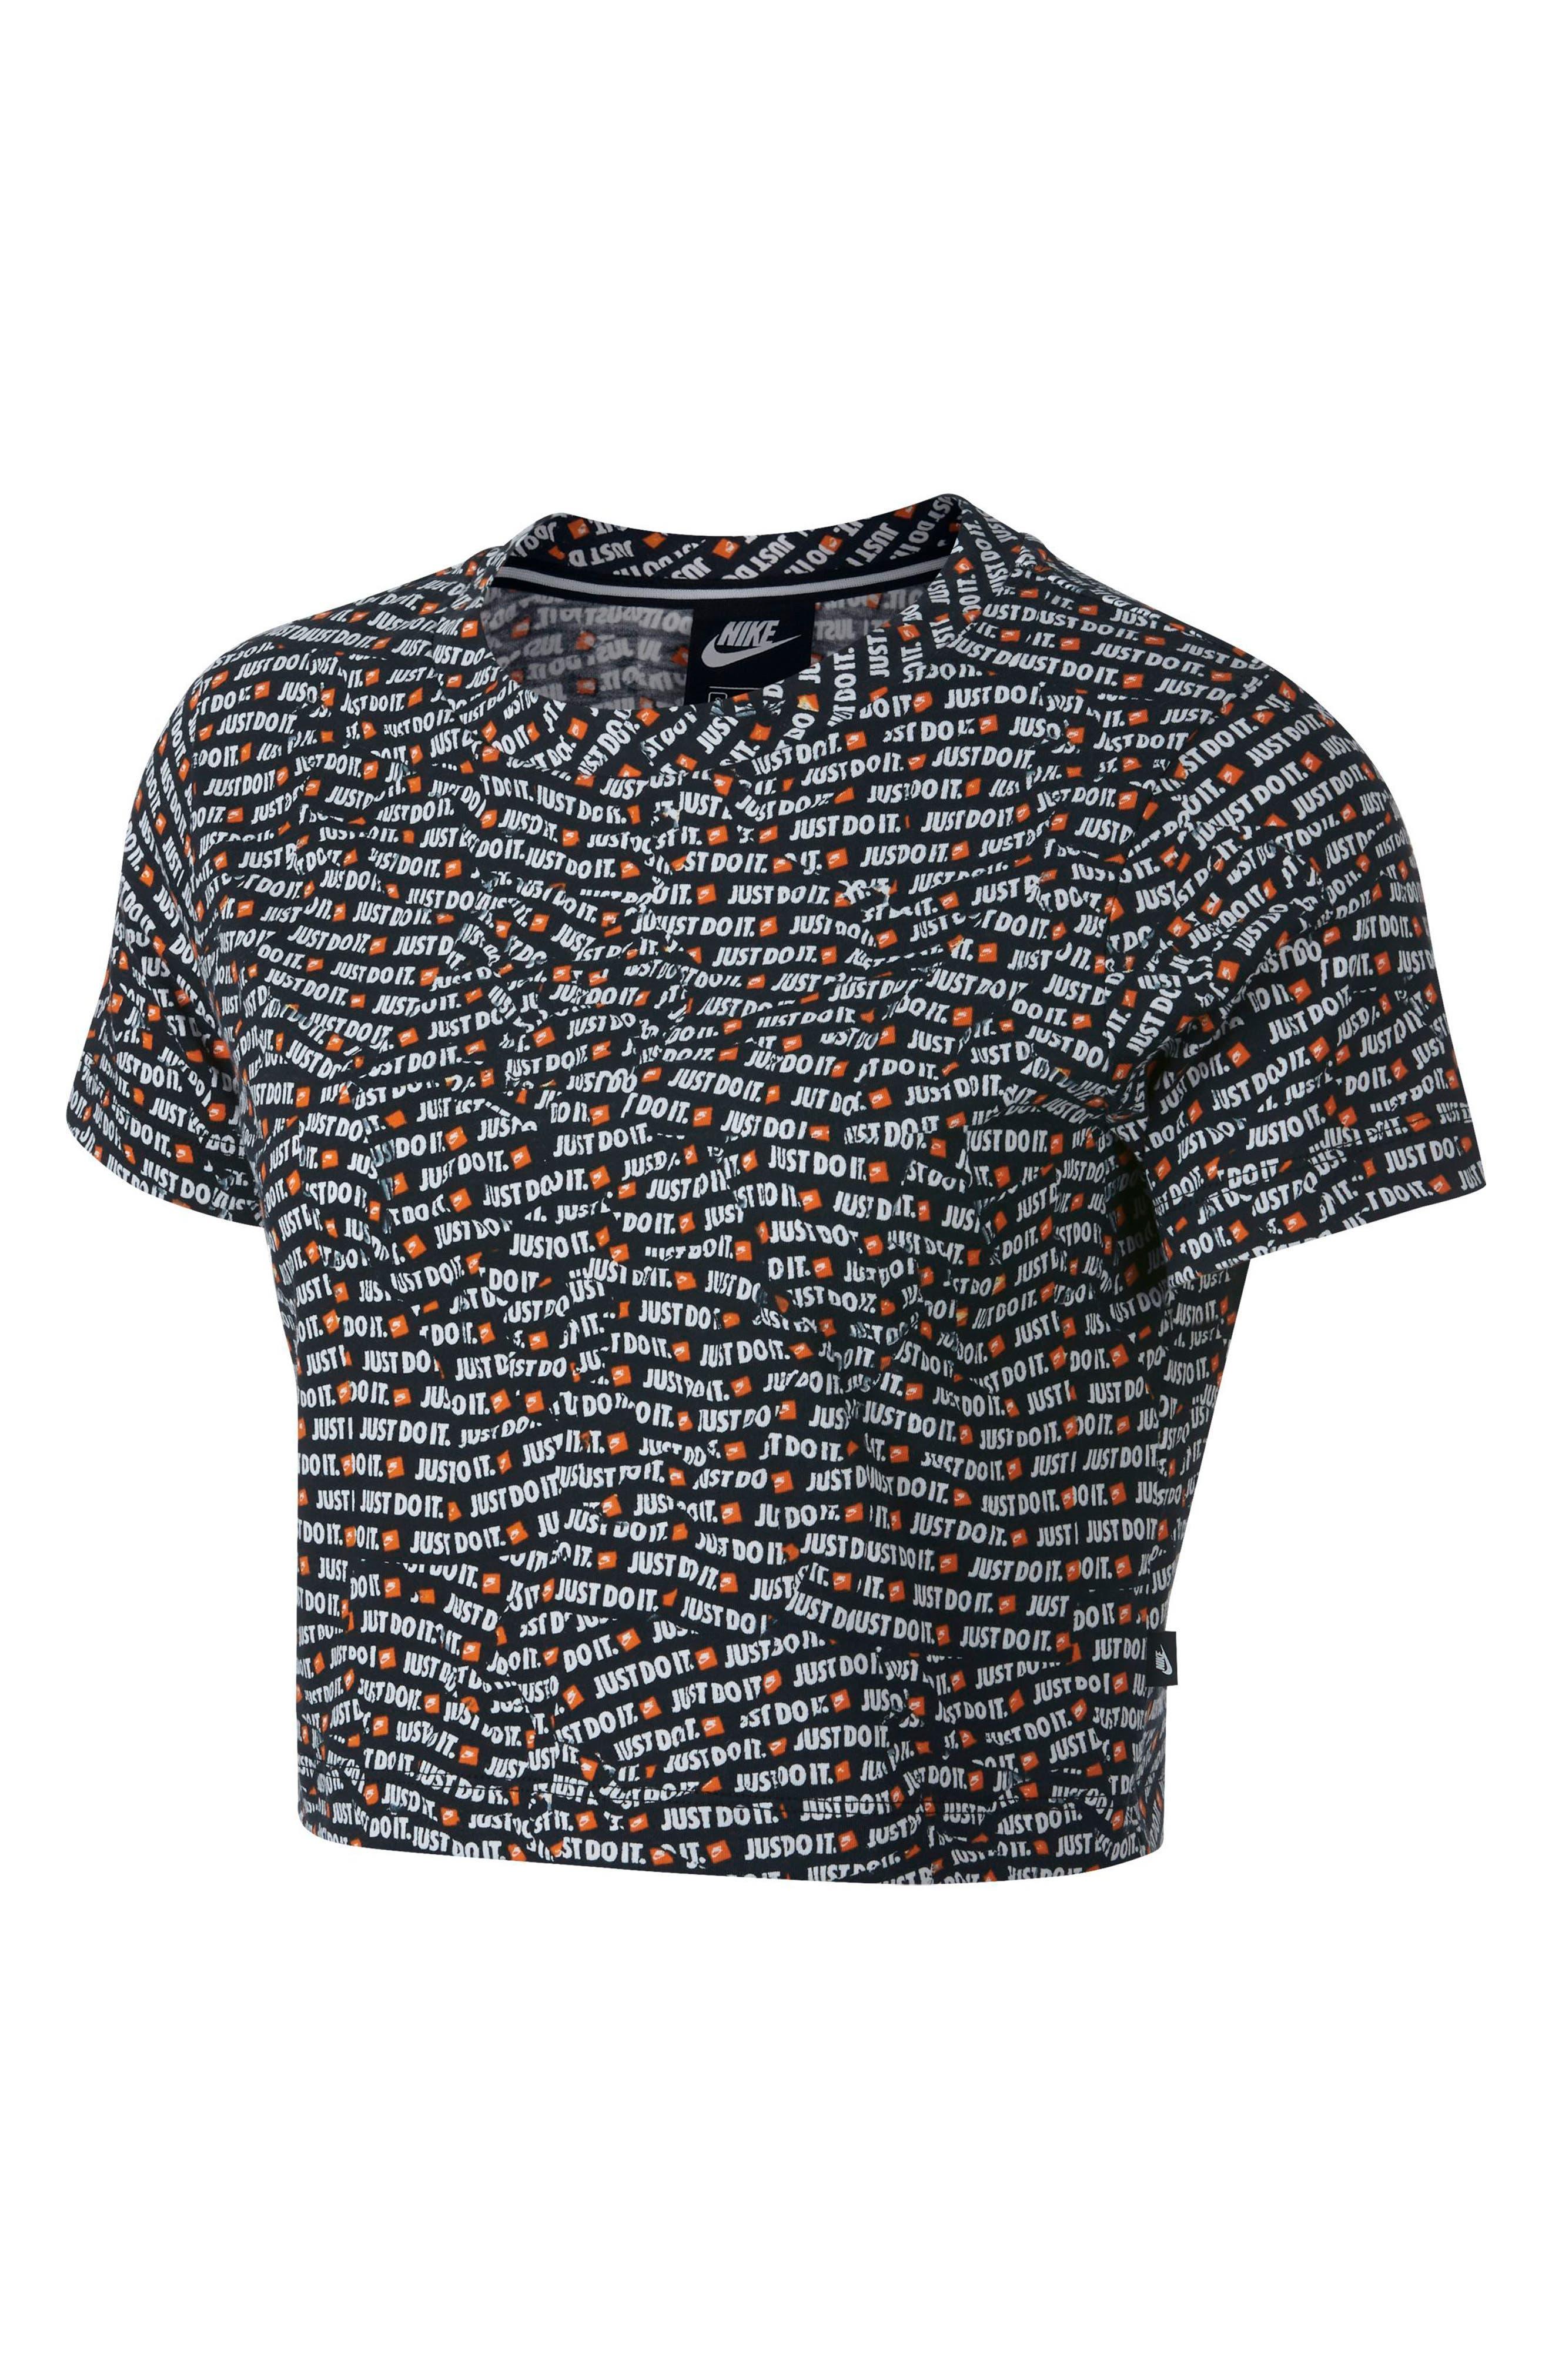 Sportswear Just Do It Women's Short Sleeve Crop Top,                         Main,                         color, BLACK